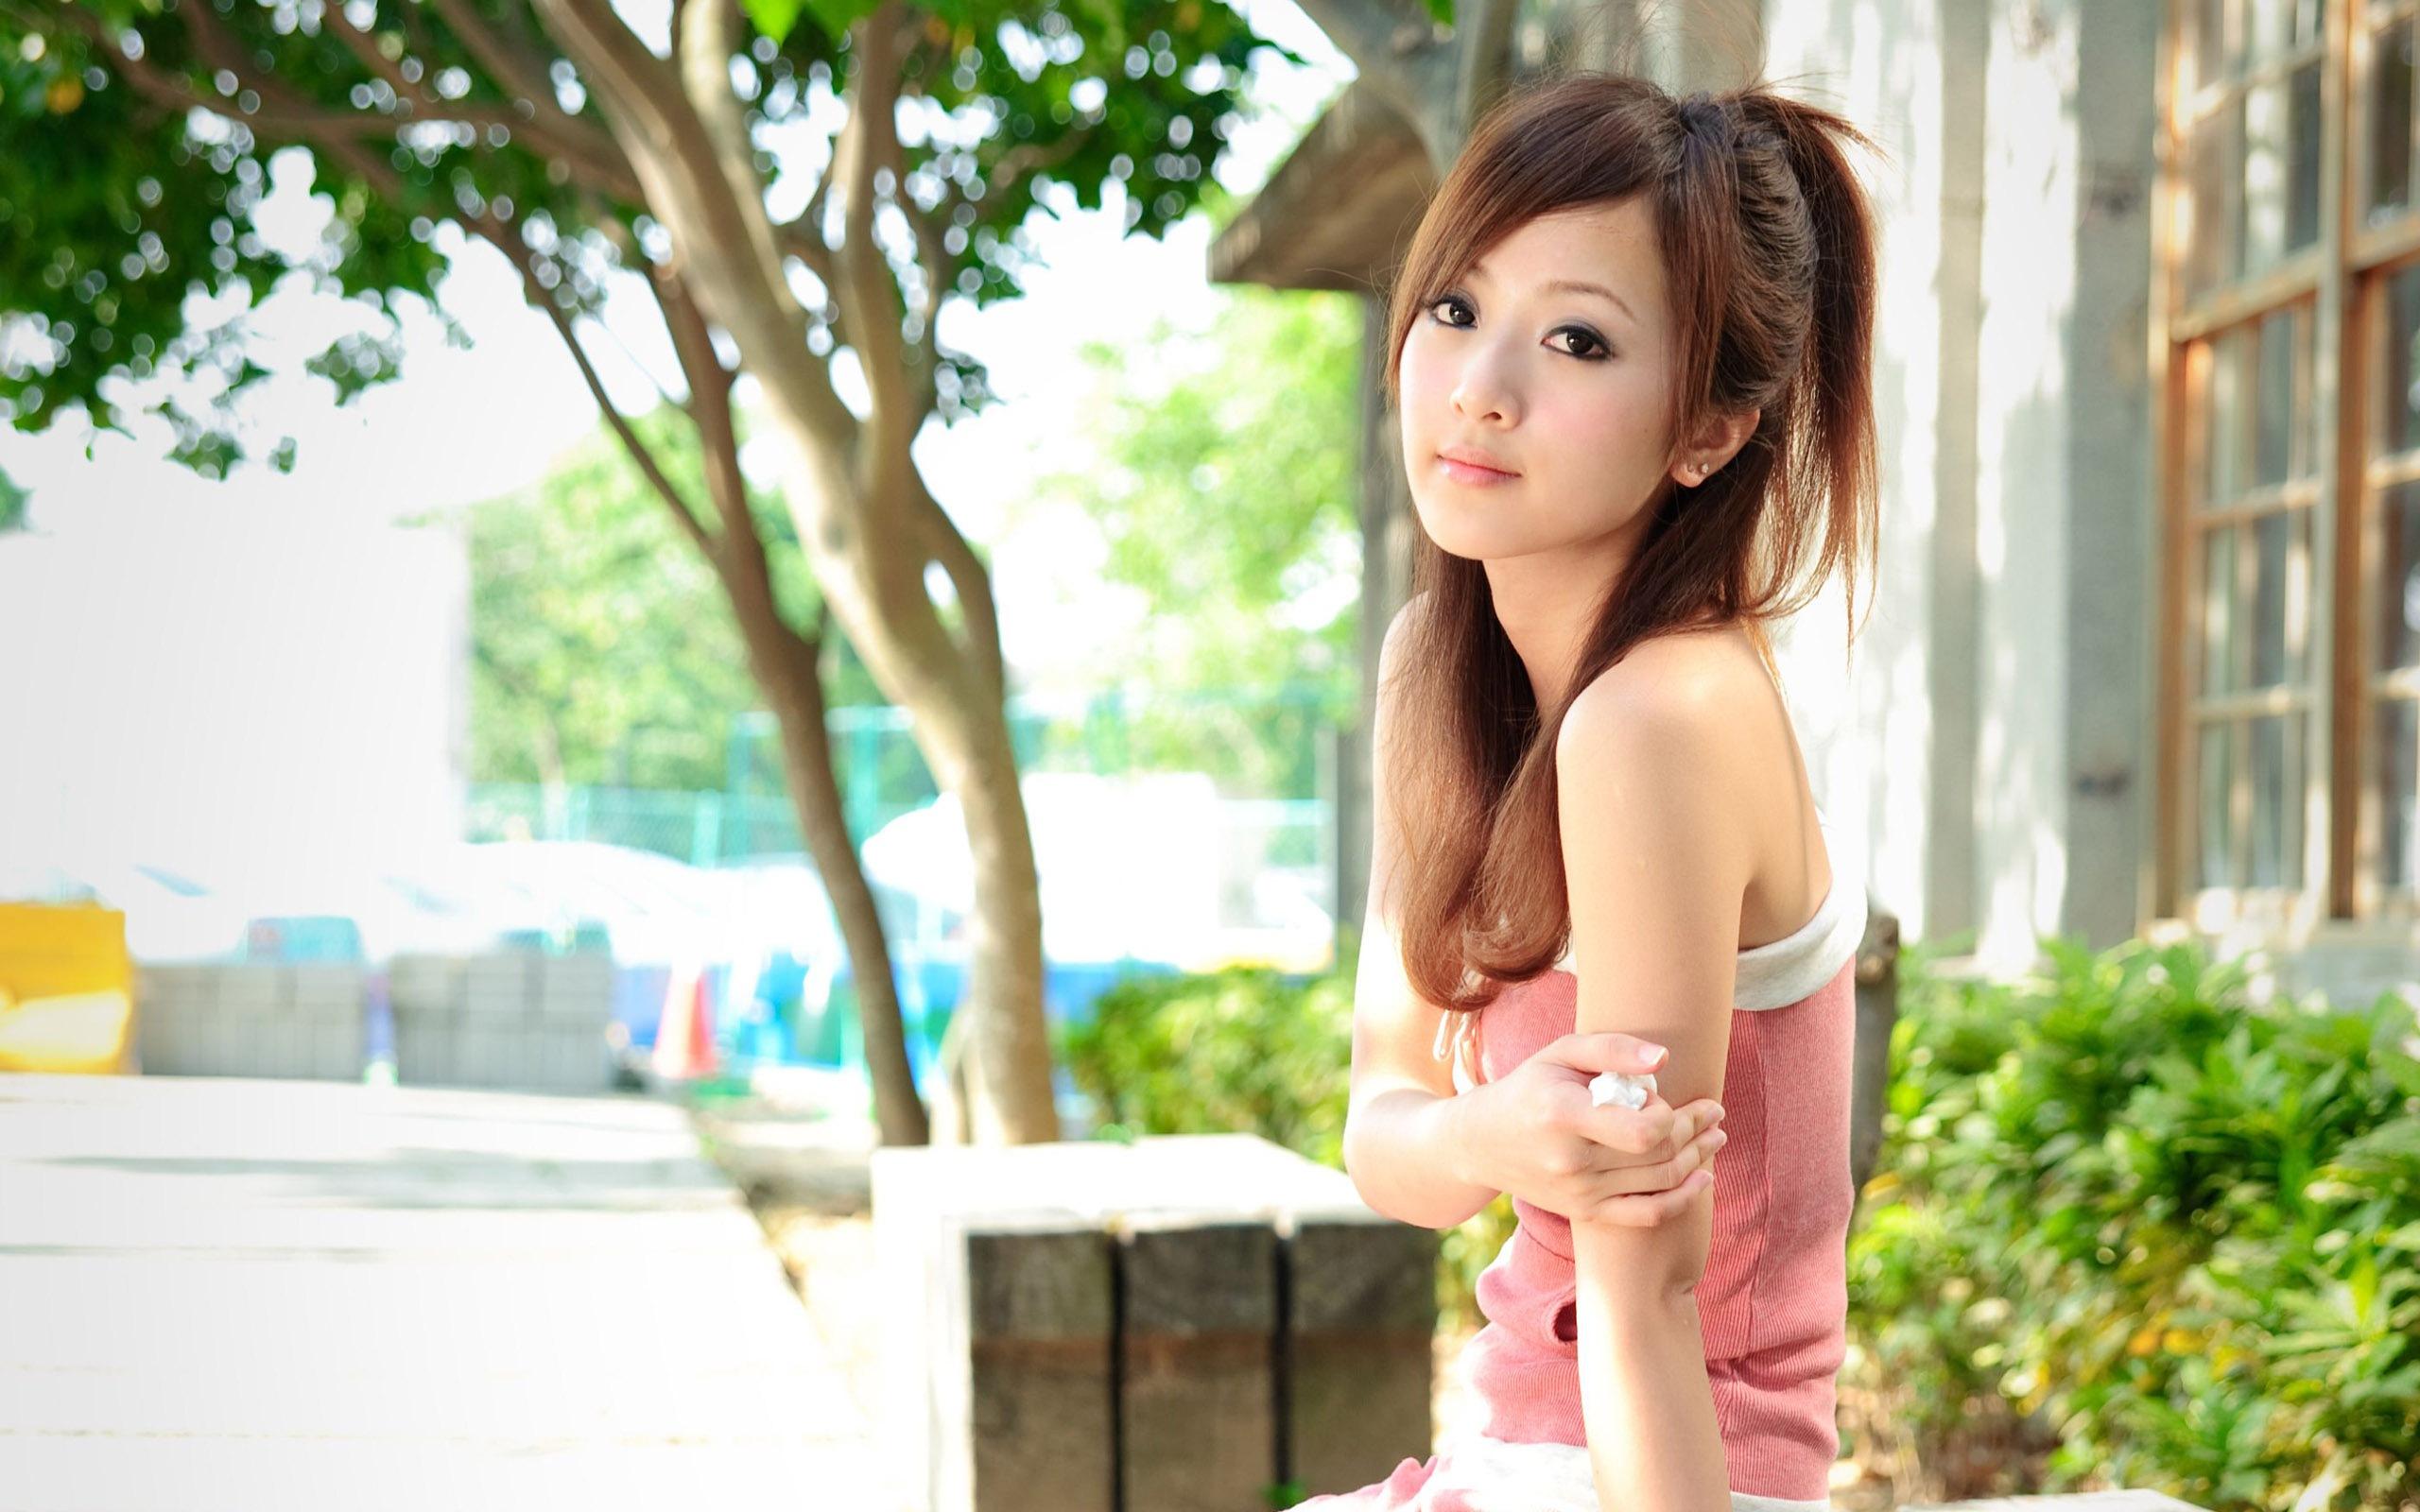 Wild japanese model